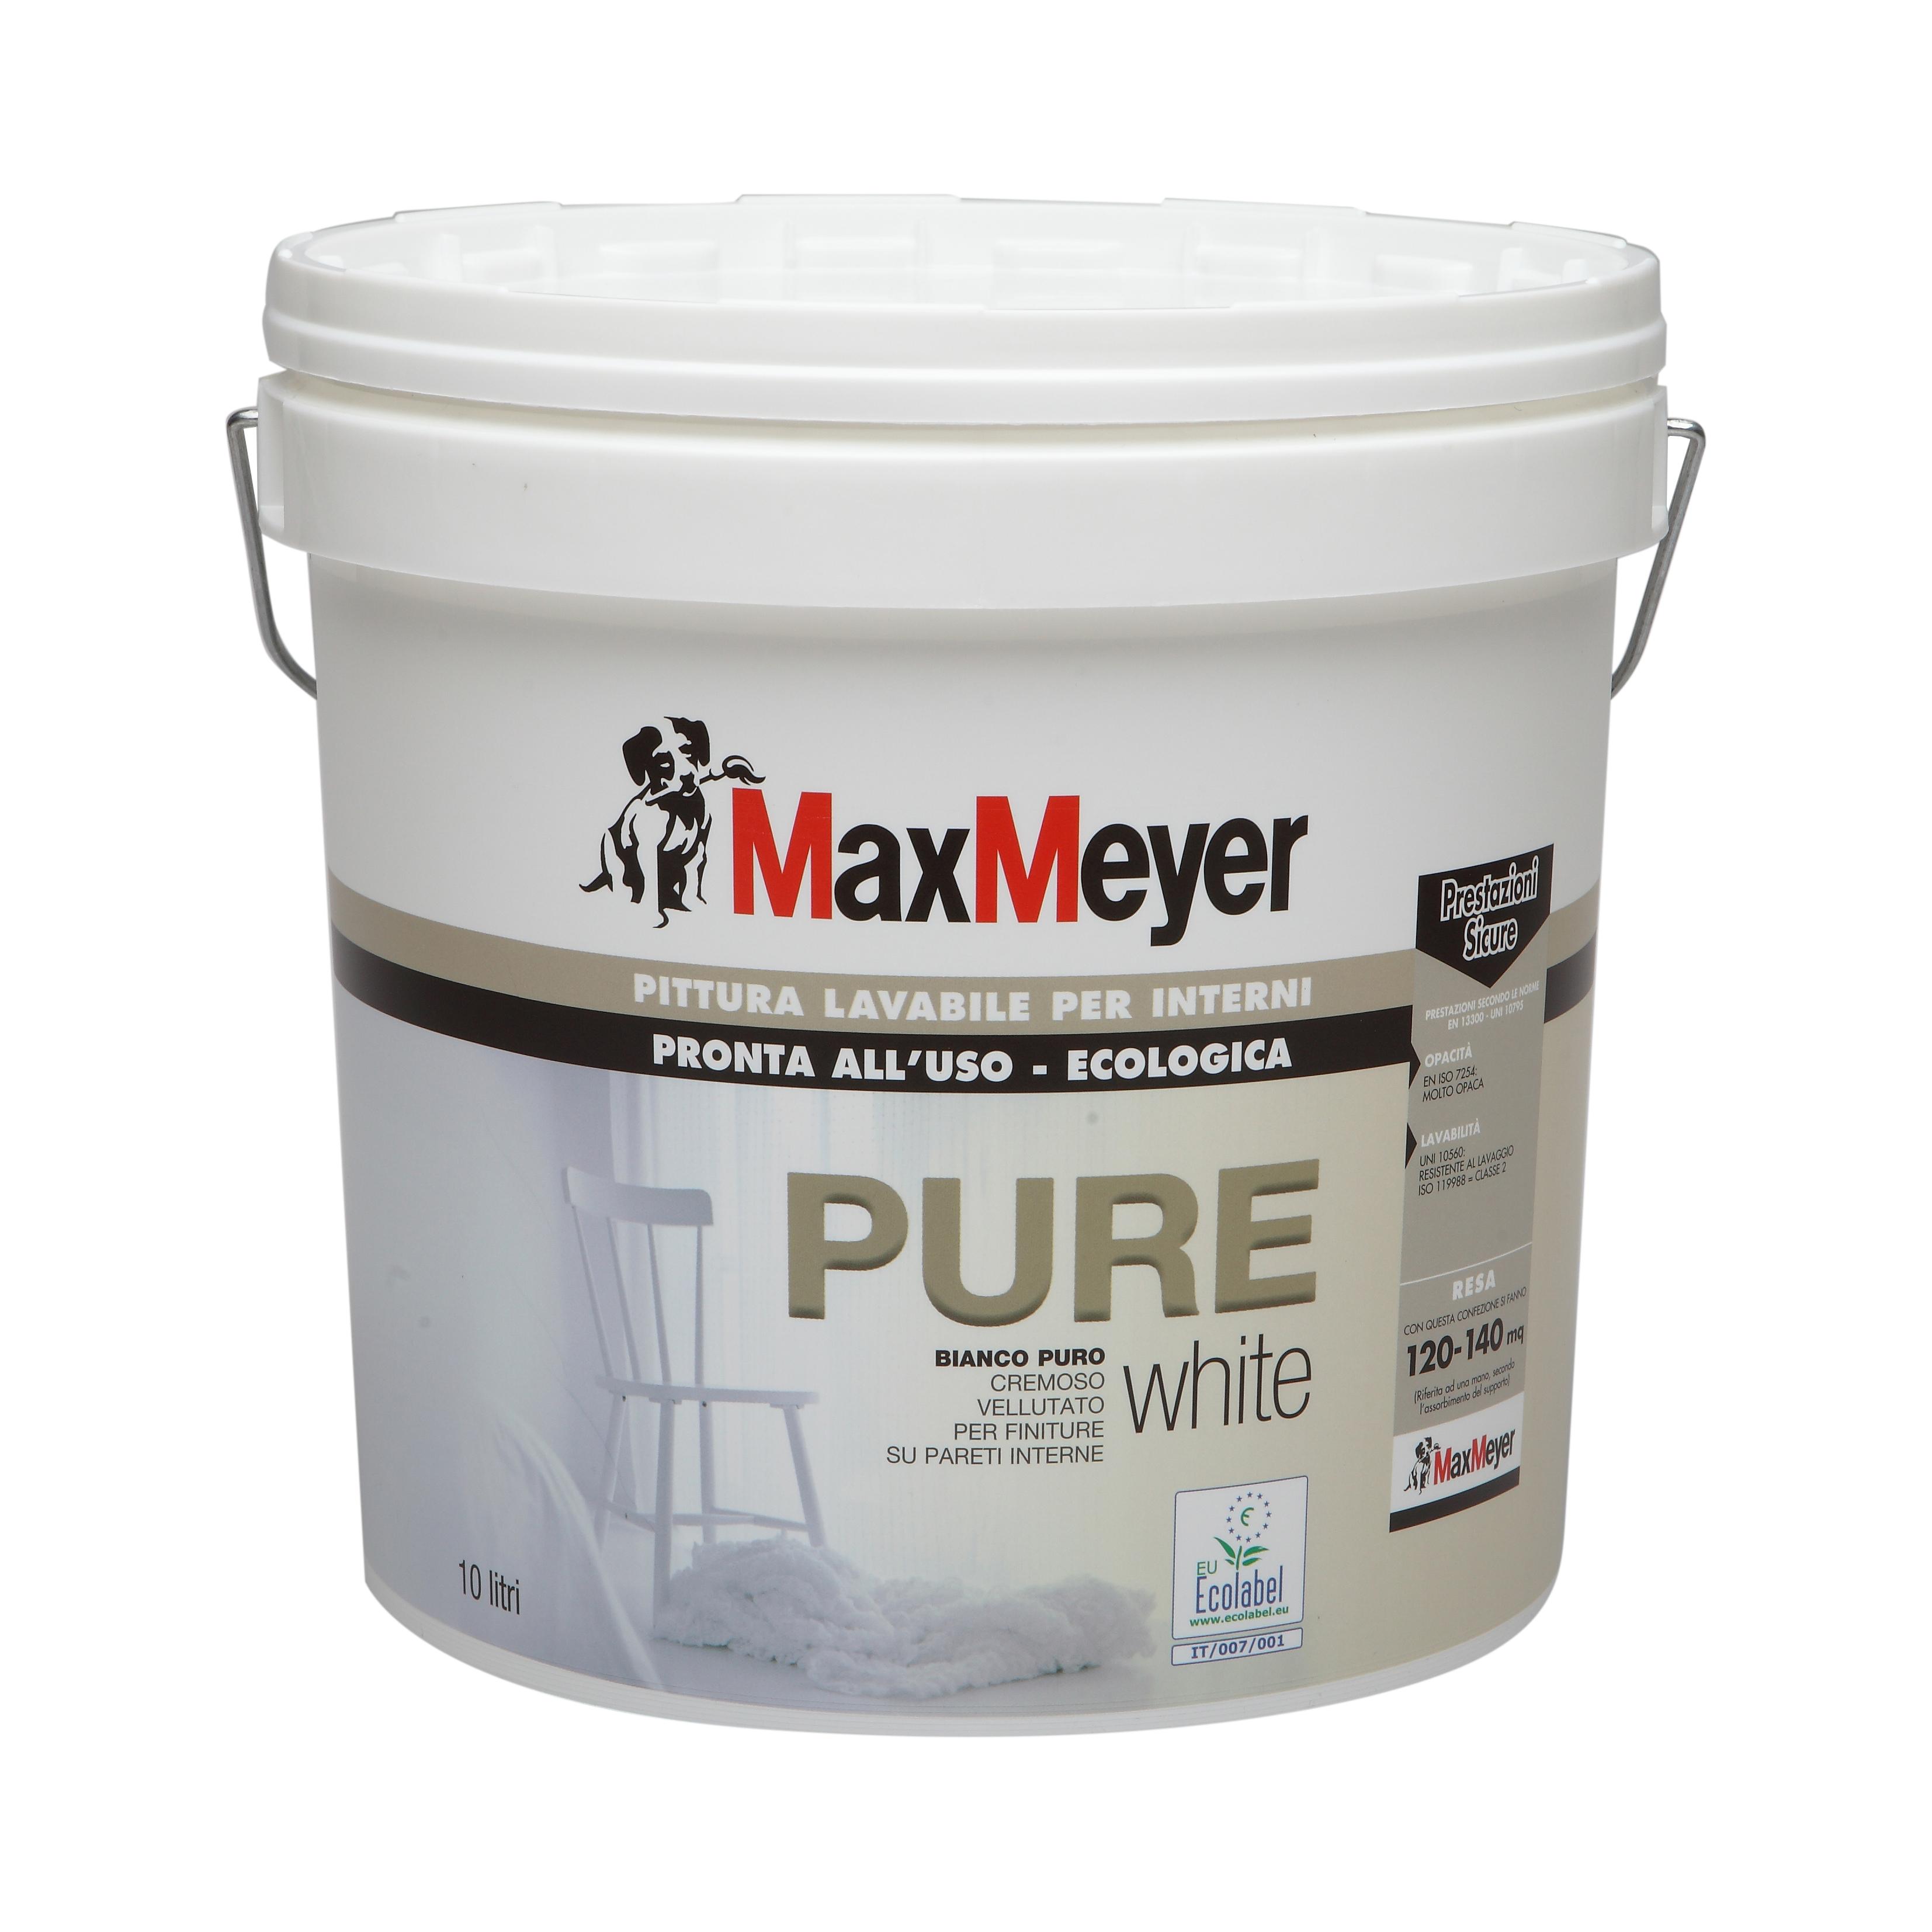 Pure pittura murale ecologica max meyer edilceramiche di - Pittura lavabile per bagno ...